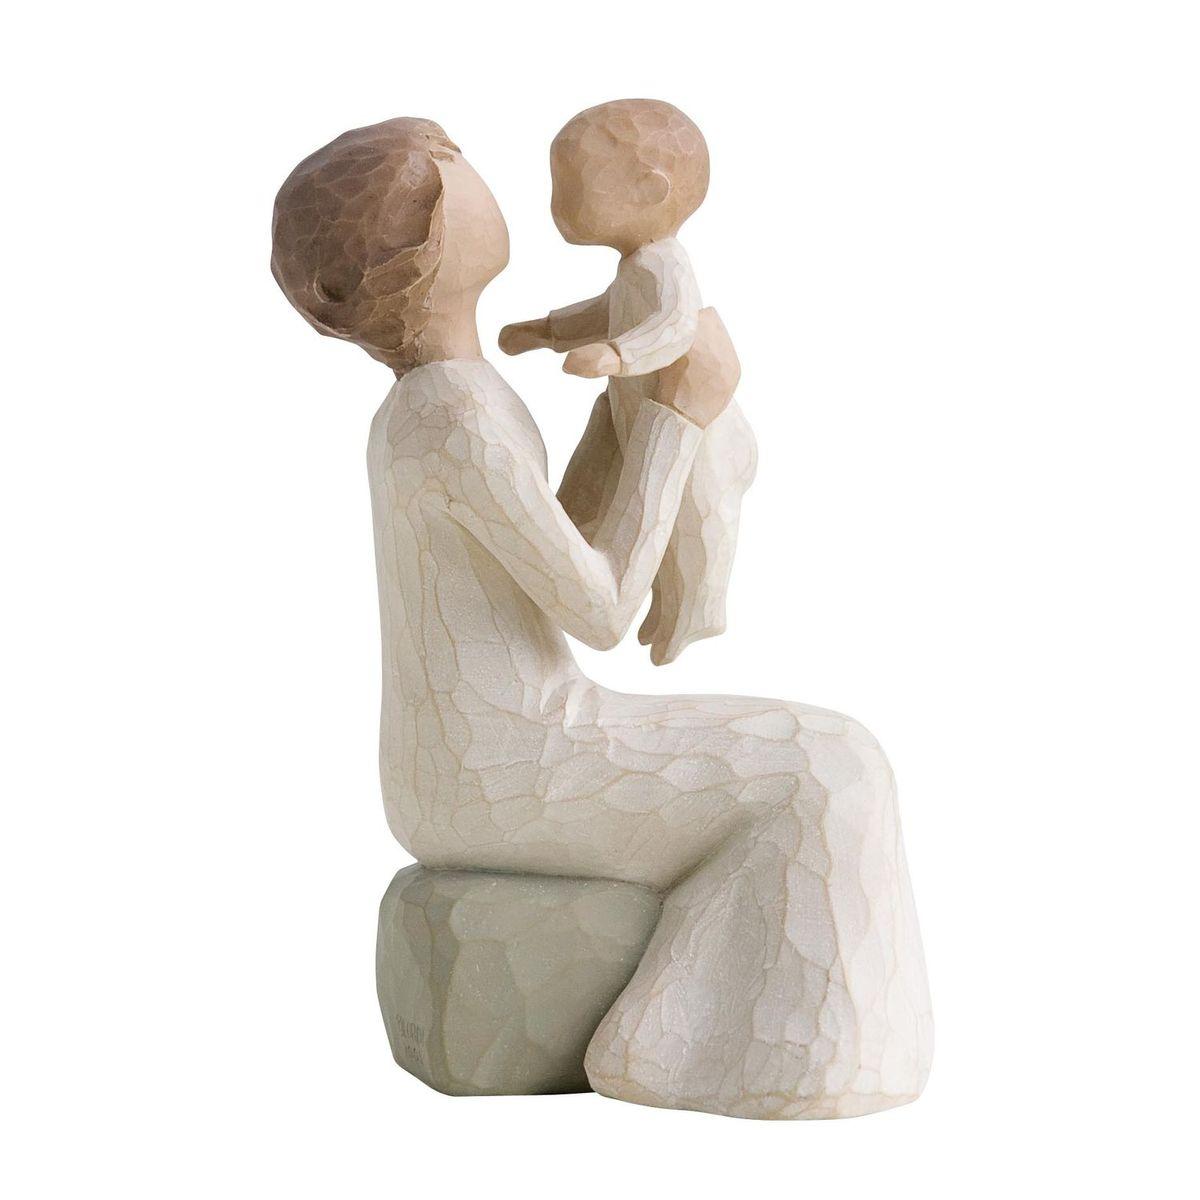 Фигурка декоративная Willow Tree Бабушка, высота 14,5 см26072Декоративная фигурка Willow Tree создана канадским скульптором Сьюзан Лорди. Фигурка выполнена из искусственного камня (49% карбонат кальция мелкозернистой разновидности, 51% искусственный камень).Фигурка Willow Tree – это настоящее произведение искусства, образная скульптура в миниатюре, изображающая эмоции и чувства, которые помогают чувствовать себя ближе к другим, верить в мечту, выражать любовь.Фигурка помещена в красивую упаковку.Купить такой оригинальный подарок, значит не только украсить интерьер помещения или жилой комнаты, но выразить свое глубокое отношение к любимому человеку. Этот прекрасный сувенир будет лучшим подарком на день ангела, именины, день рождения, юбилей.